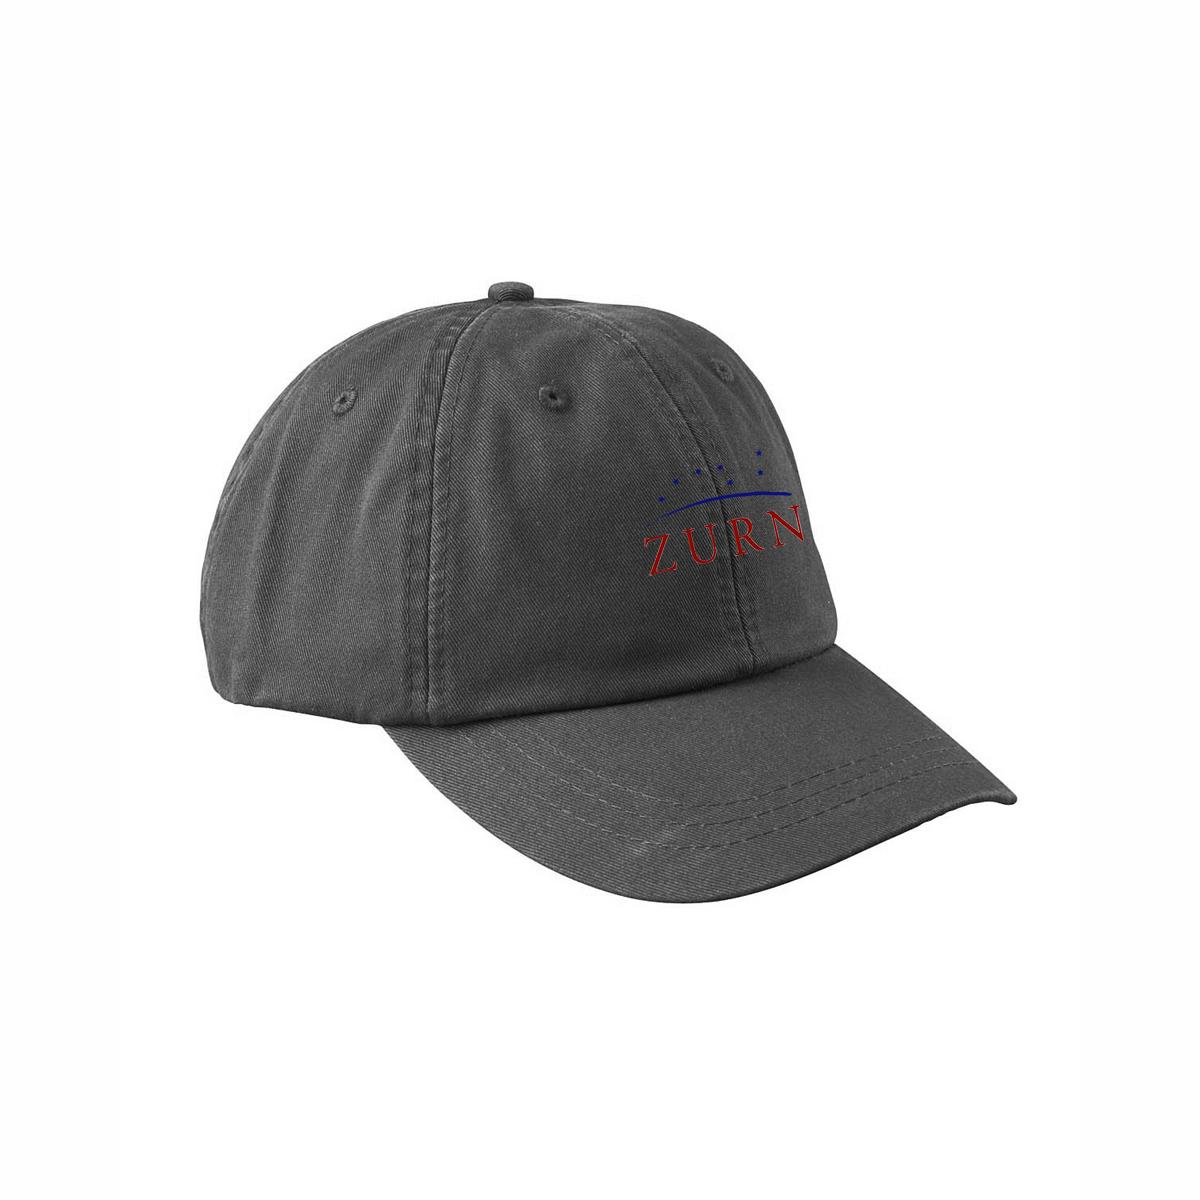 ZURN - OPTIMUM CAP